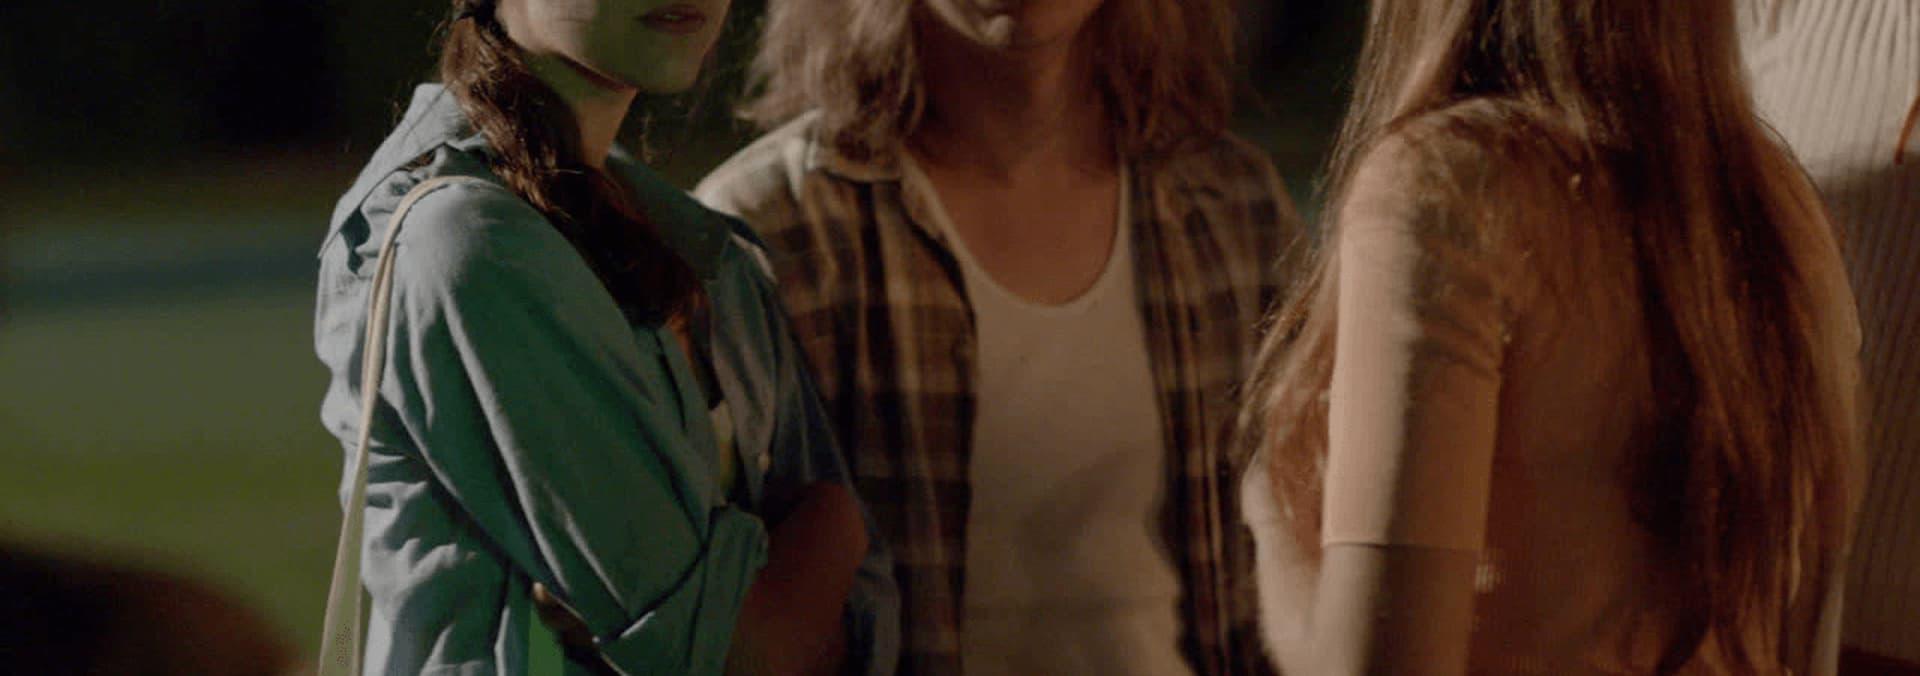 Watch Puberty Blues S01:E02 - Season 1, Episode 2 TV Series